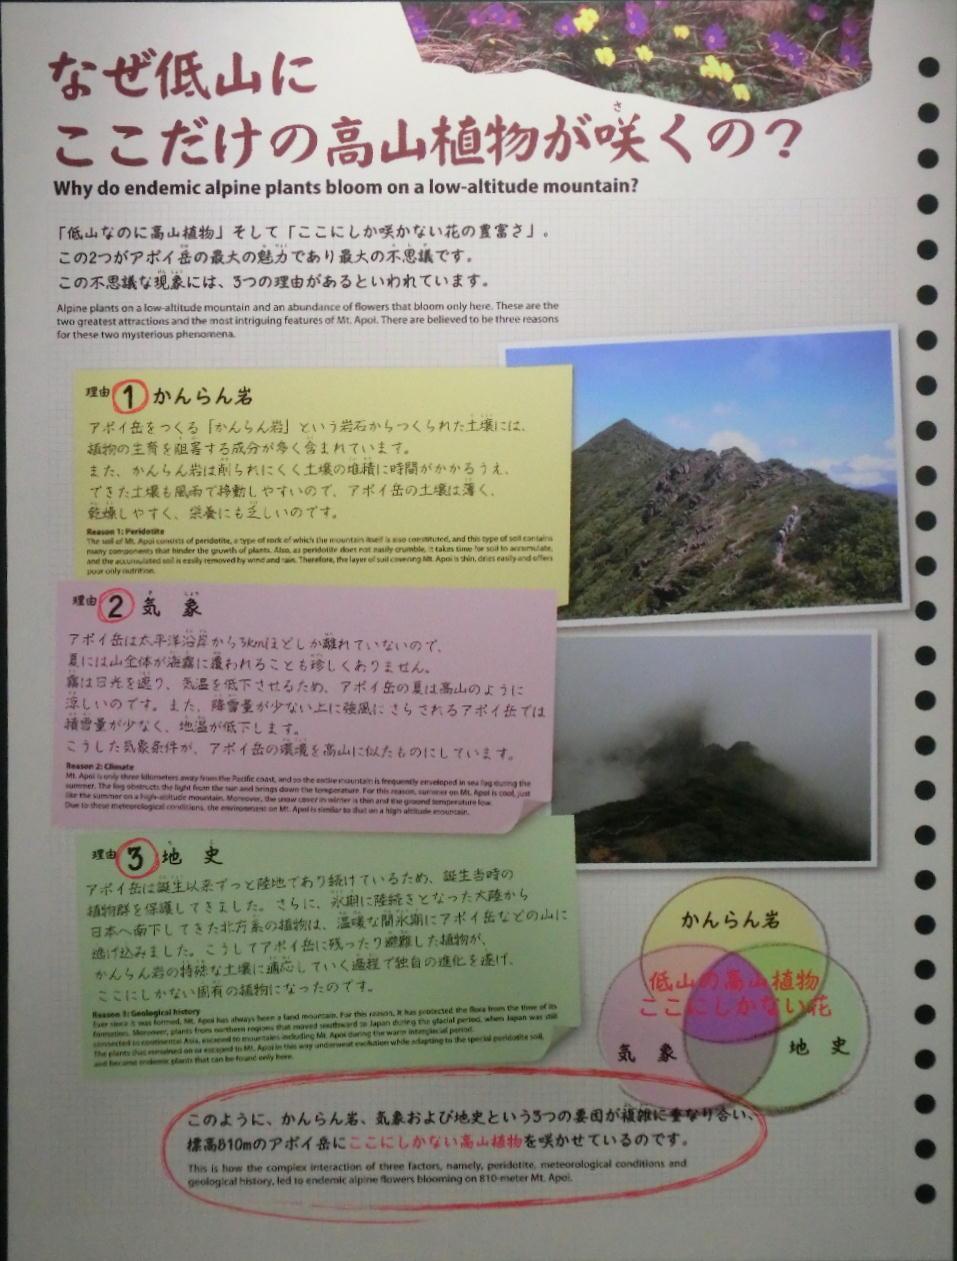 シノリガモ  アポイ岳の高山植物に逢う前に。 2014.5.25北海道04_a0146869_22145067.jpg